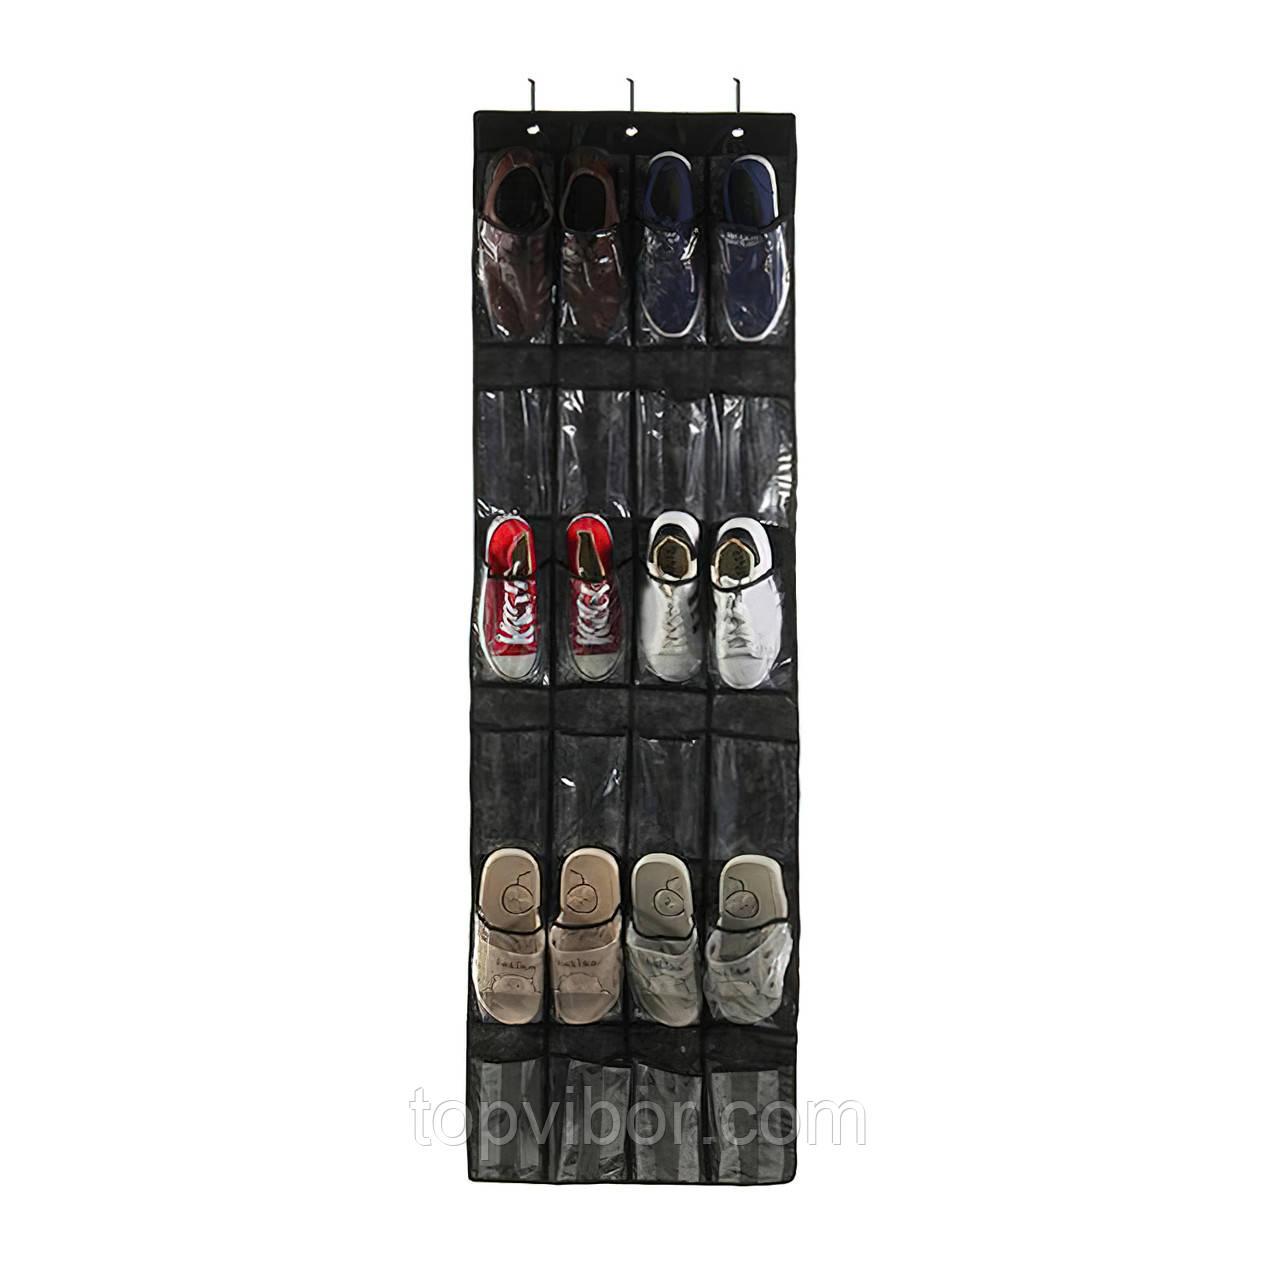 Органайзер для взуття на двері Чорний 148*45 см 24 кишені, органайзер для тапочок   обувной органайзер